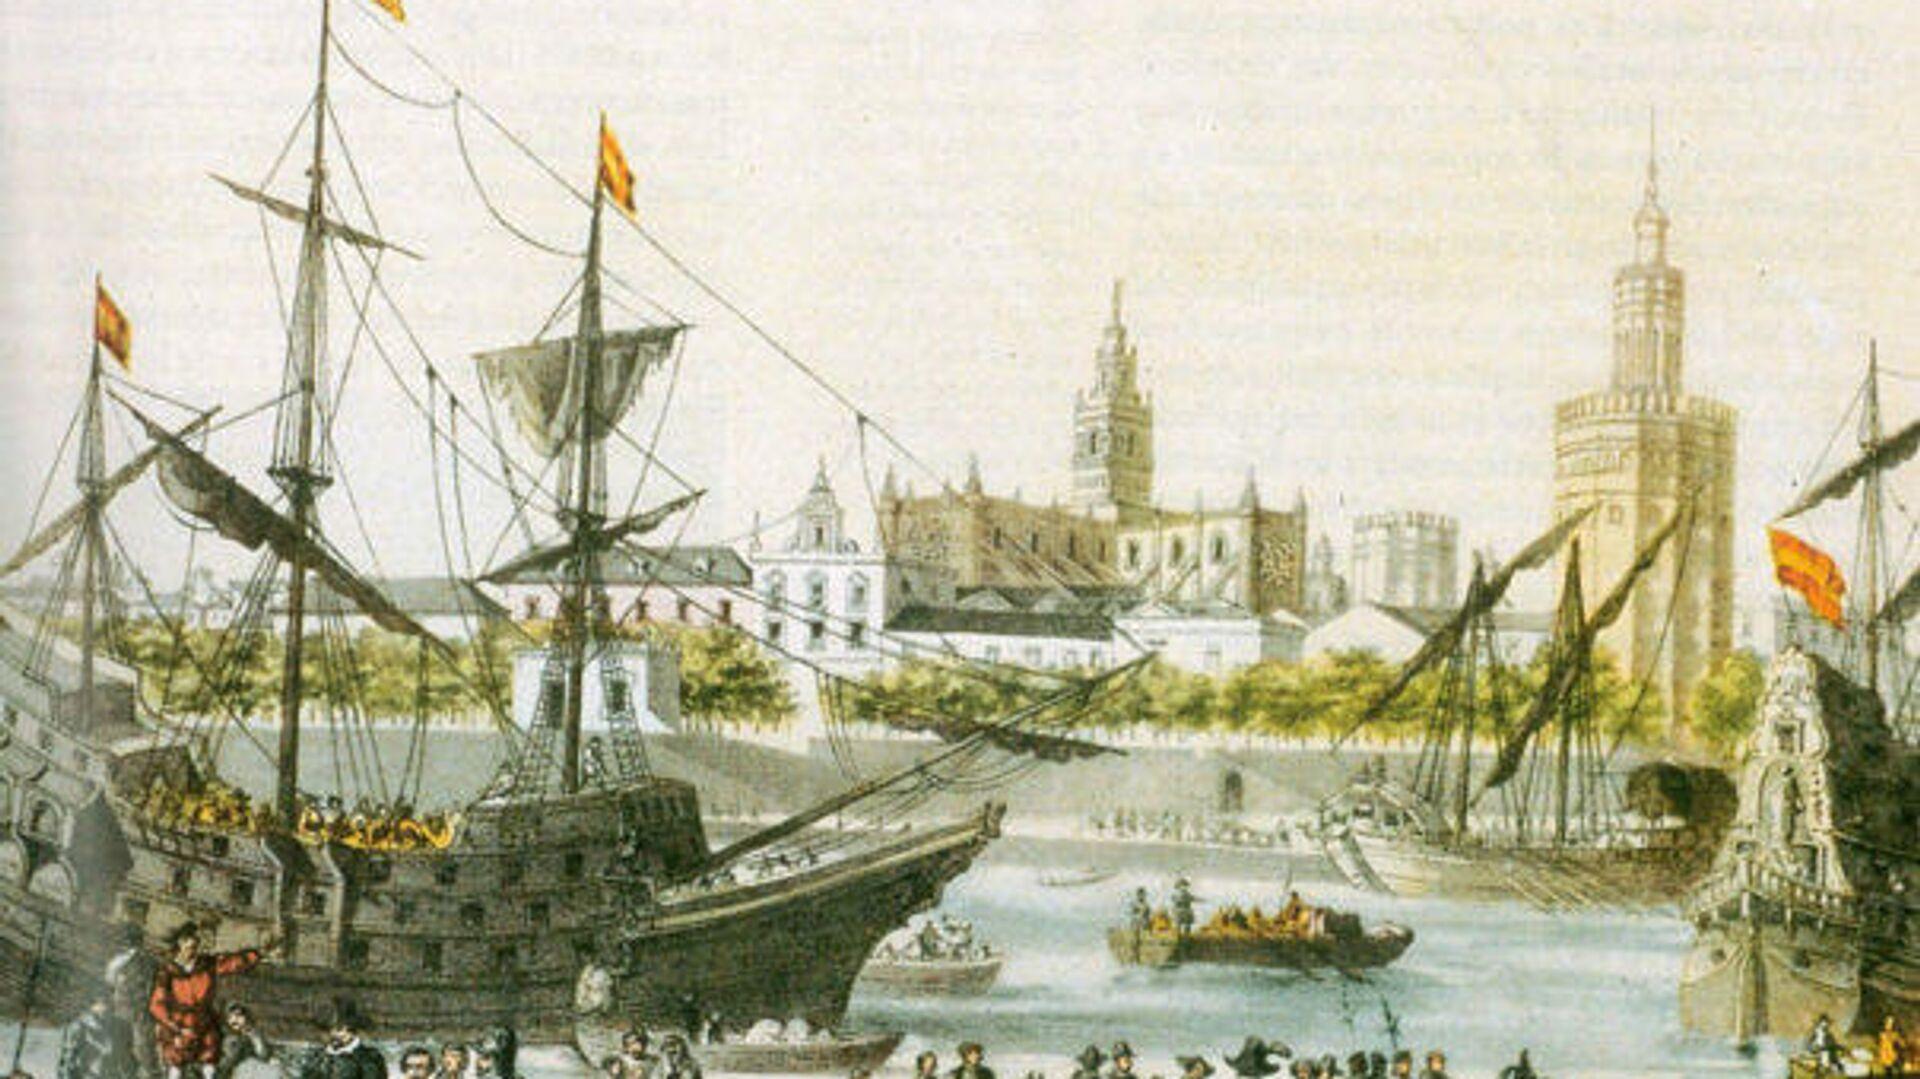 Sobre las embarcaciones del siglo XVI  - Sputnik Mundo, 1920, 21.05.2021